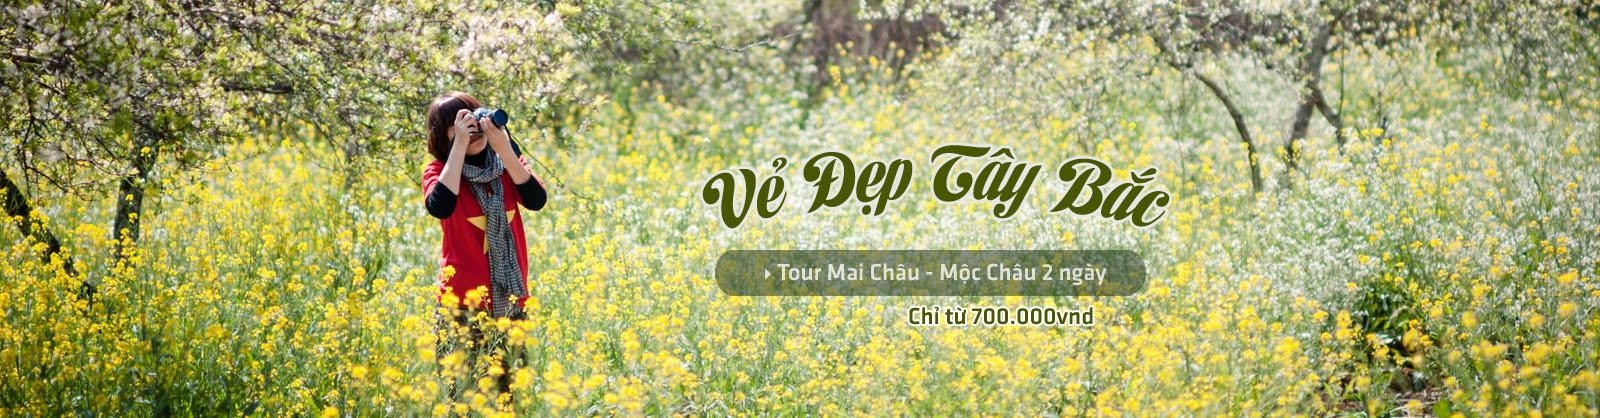 Mai Châu - Mộc Châu - Vẻ đẹp Tây Bắc